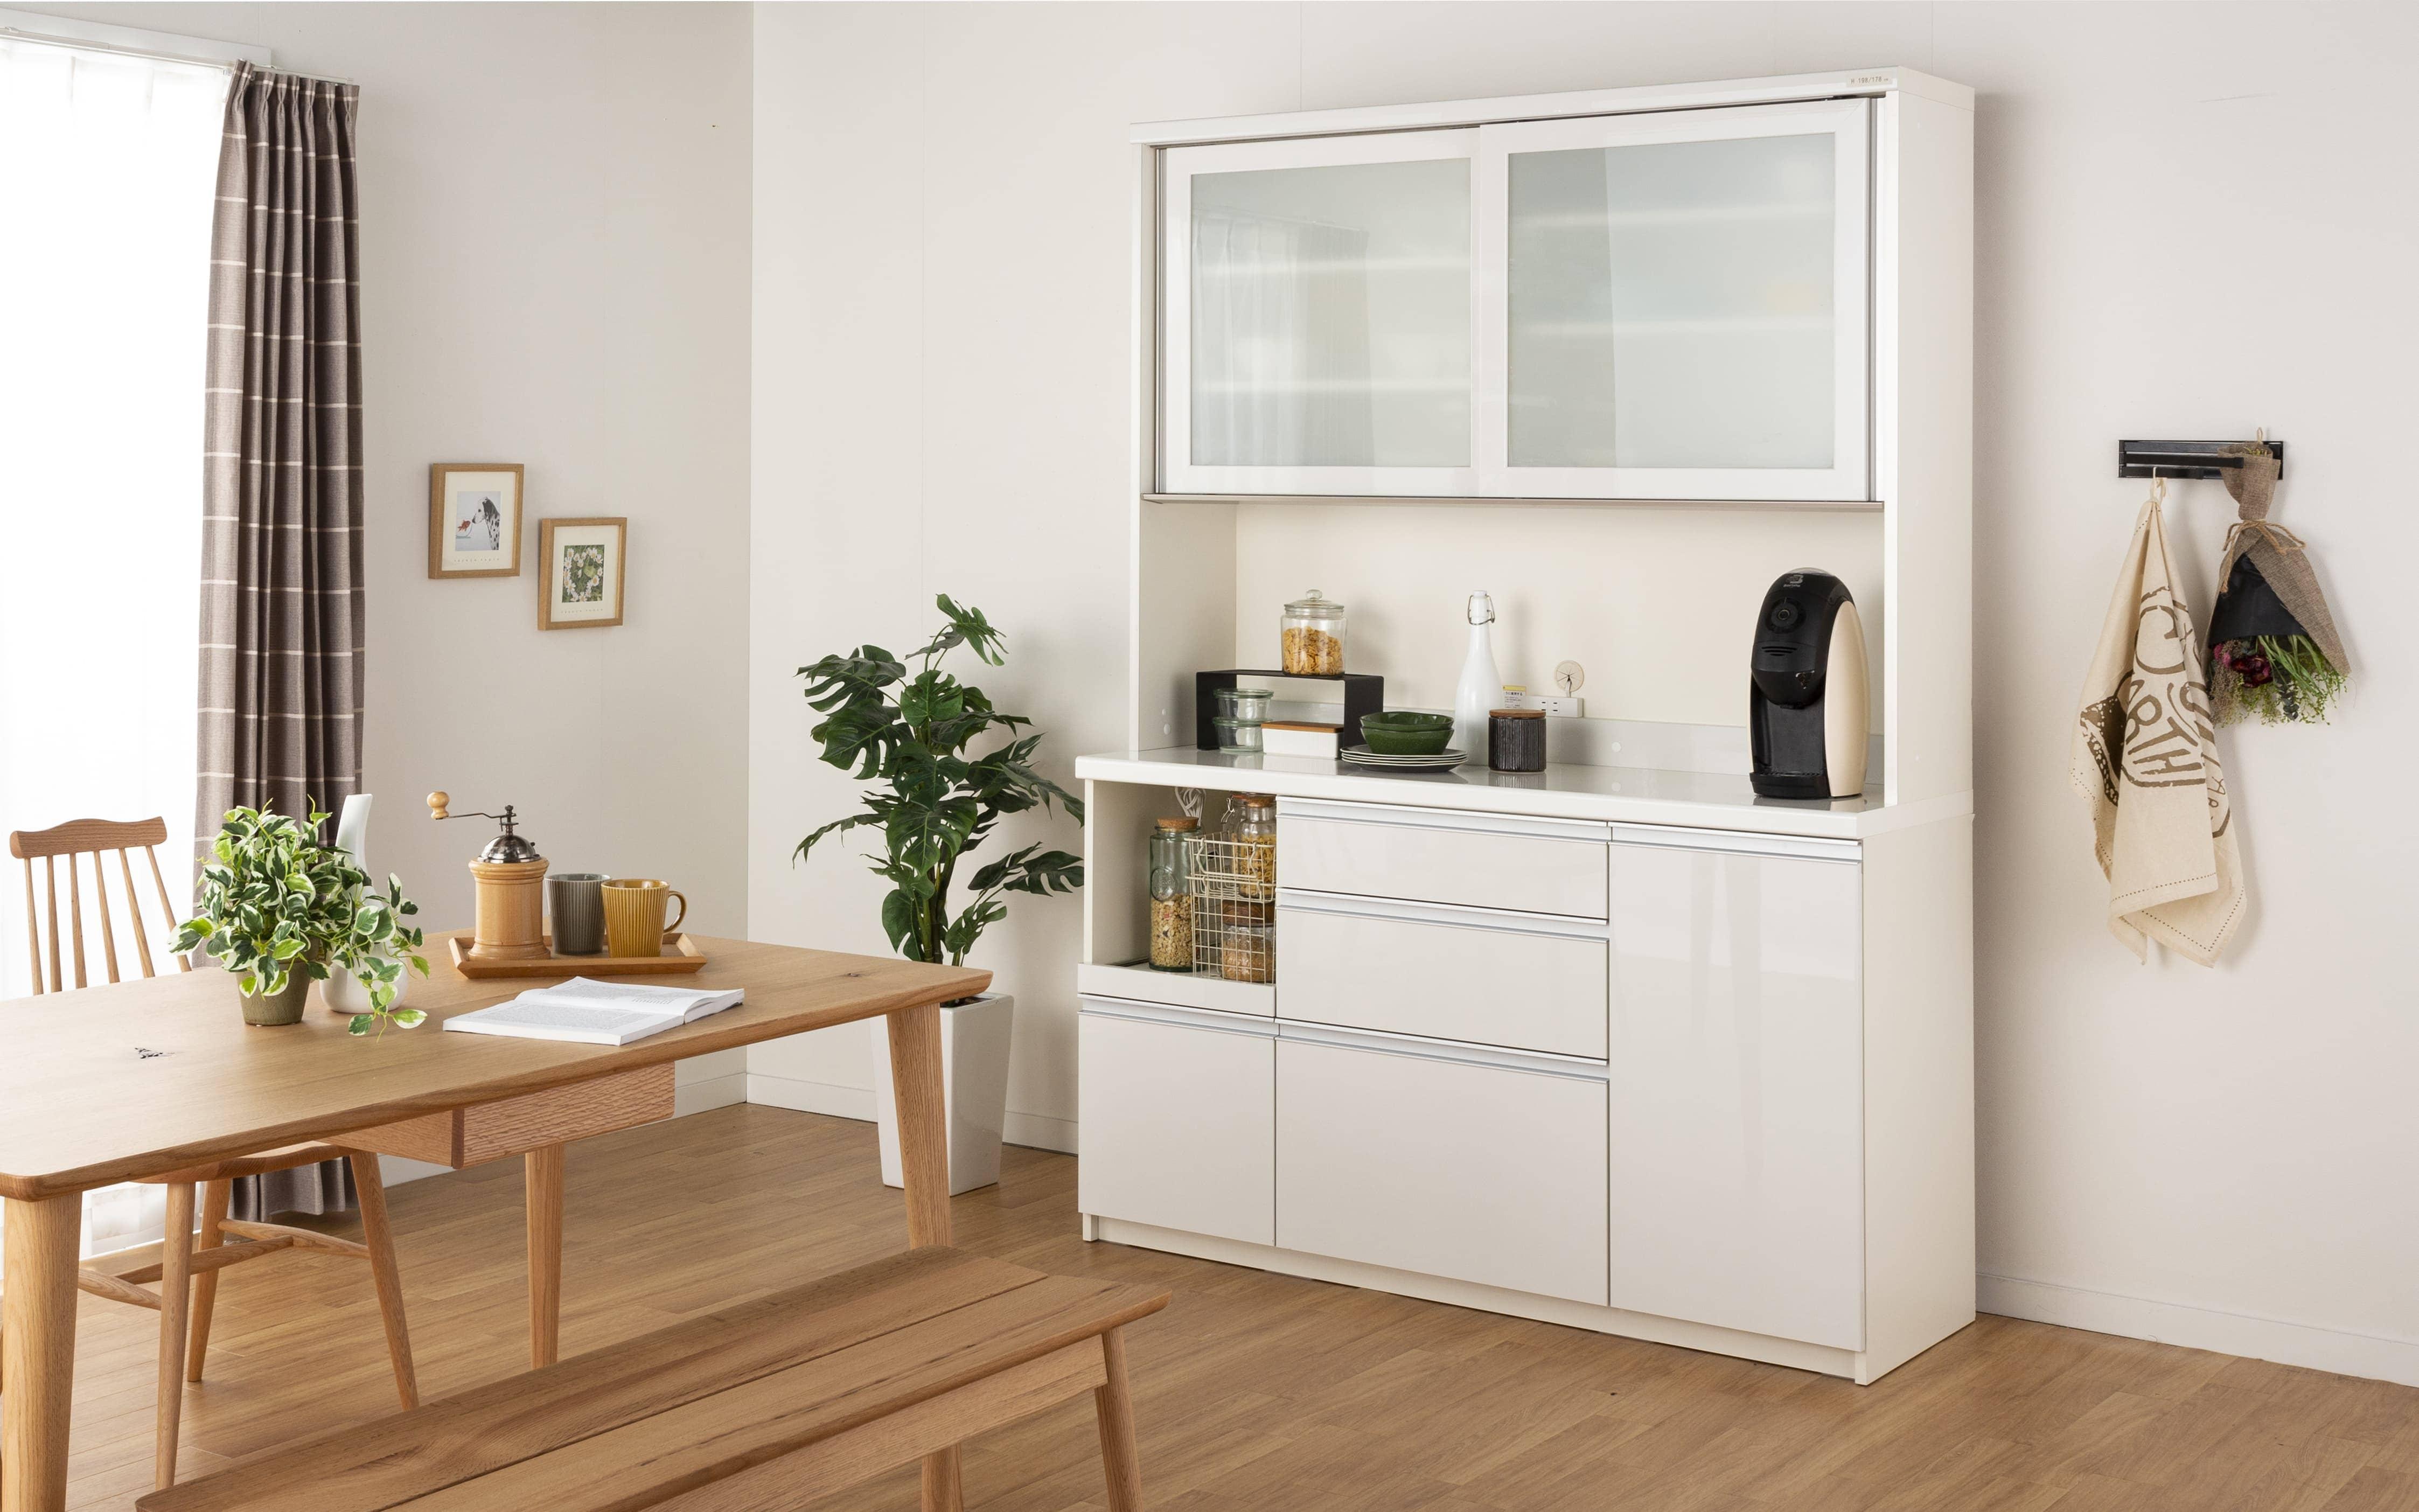 ダイニングボード MO−S900R (W プレーンホワイト):パモウナの高品質でリーズナブルな食器棚